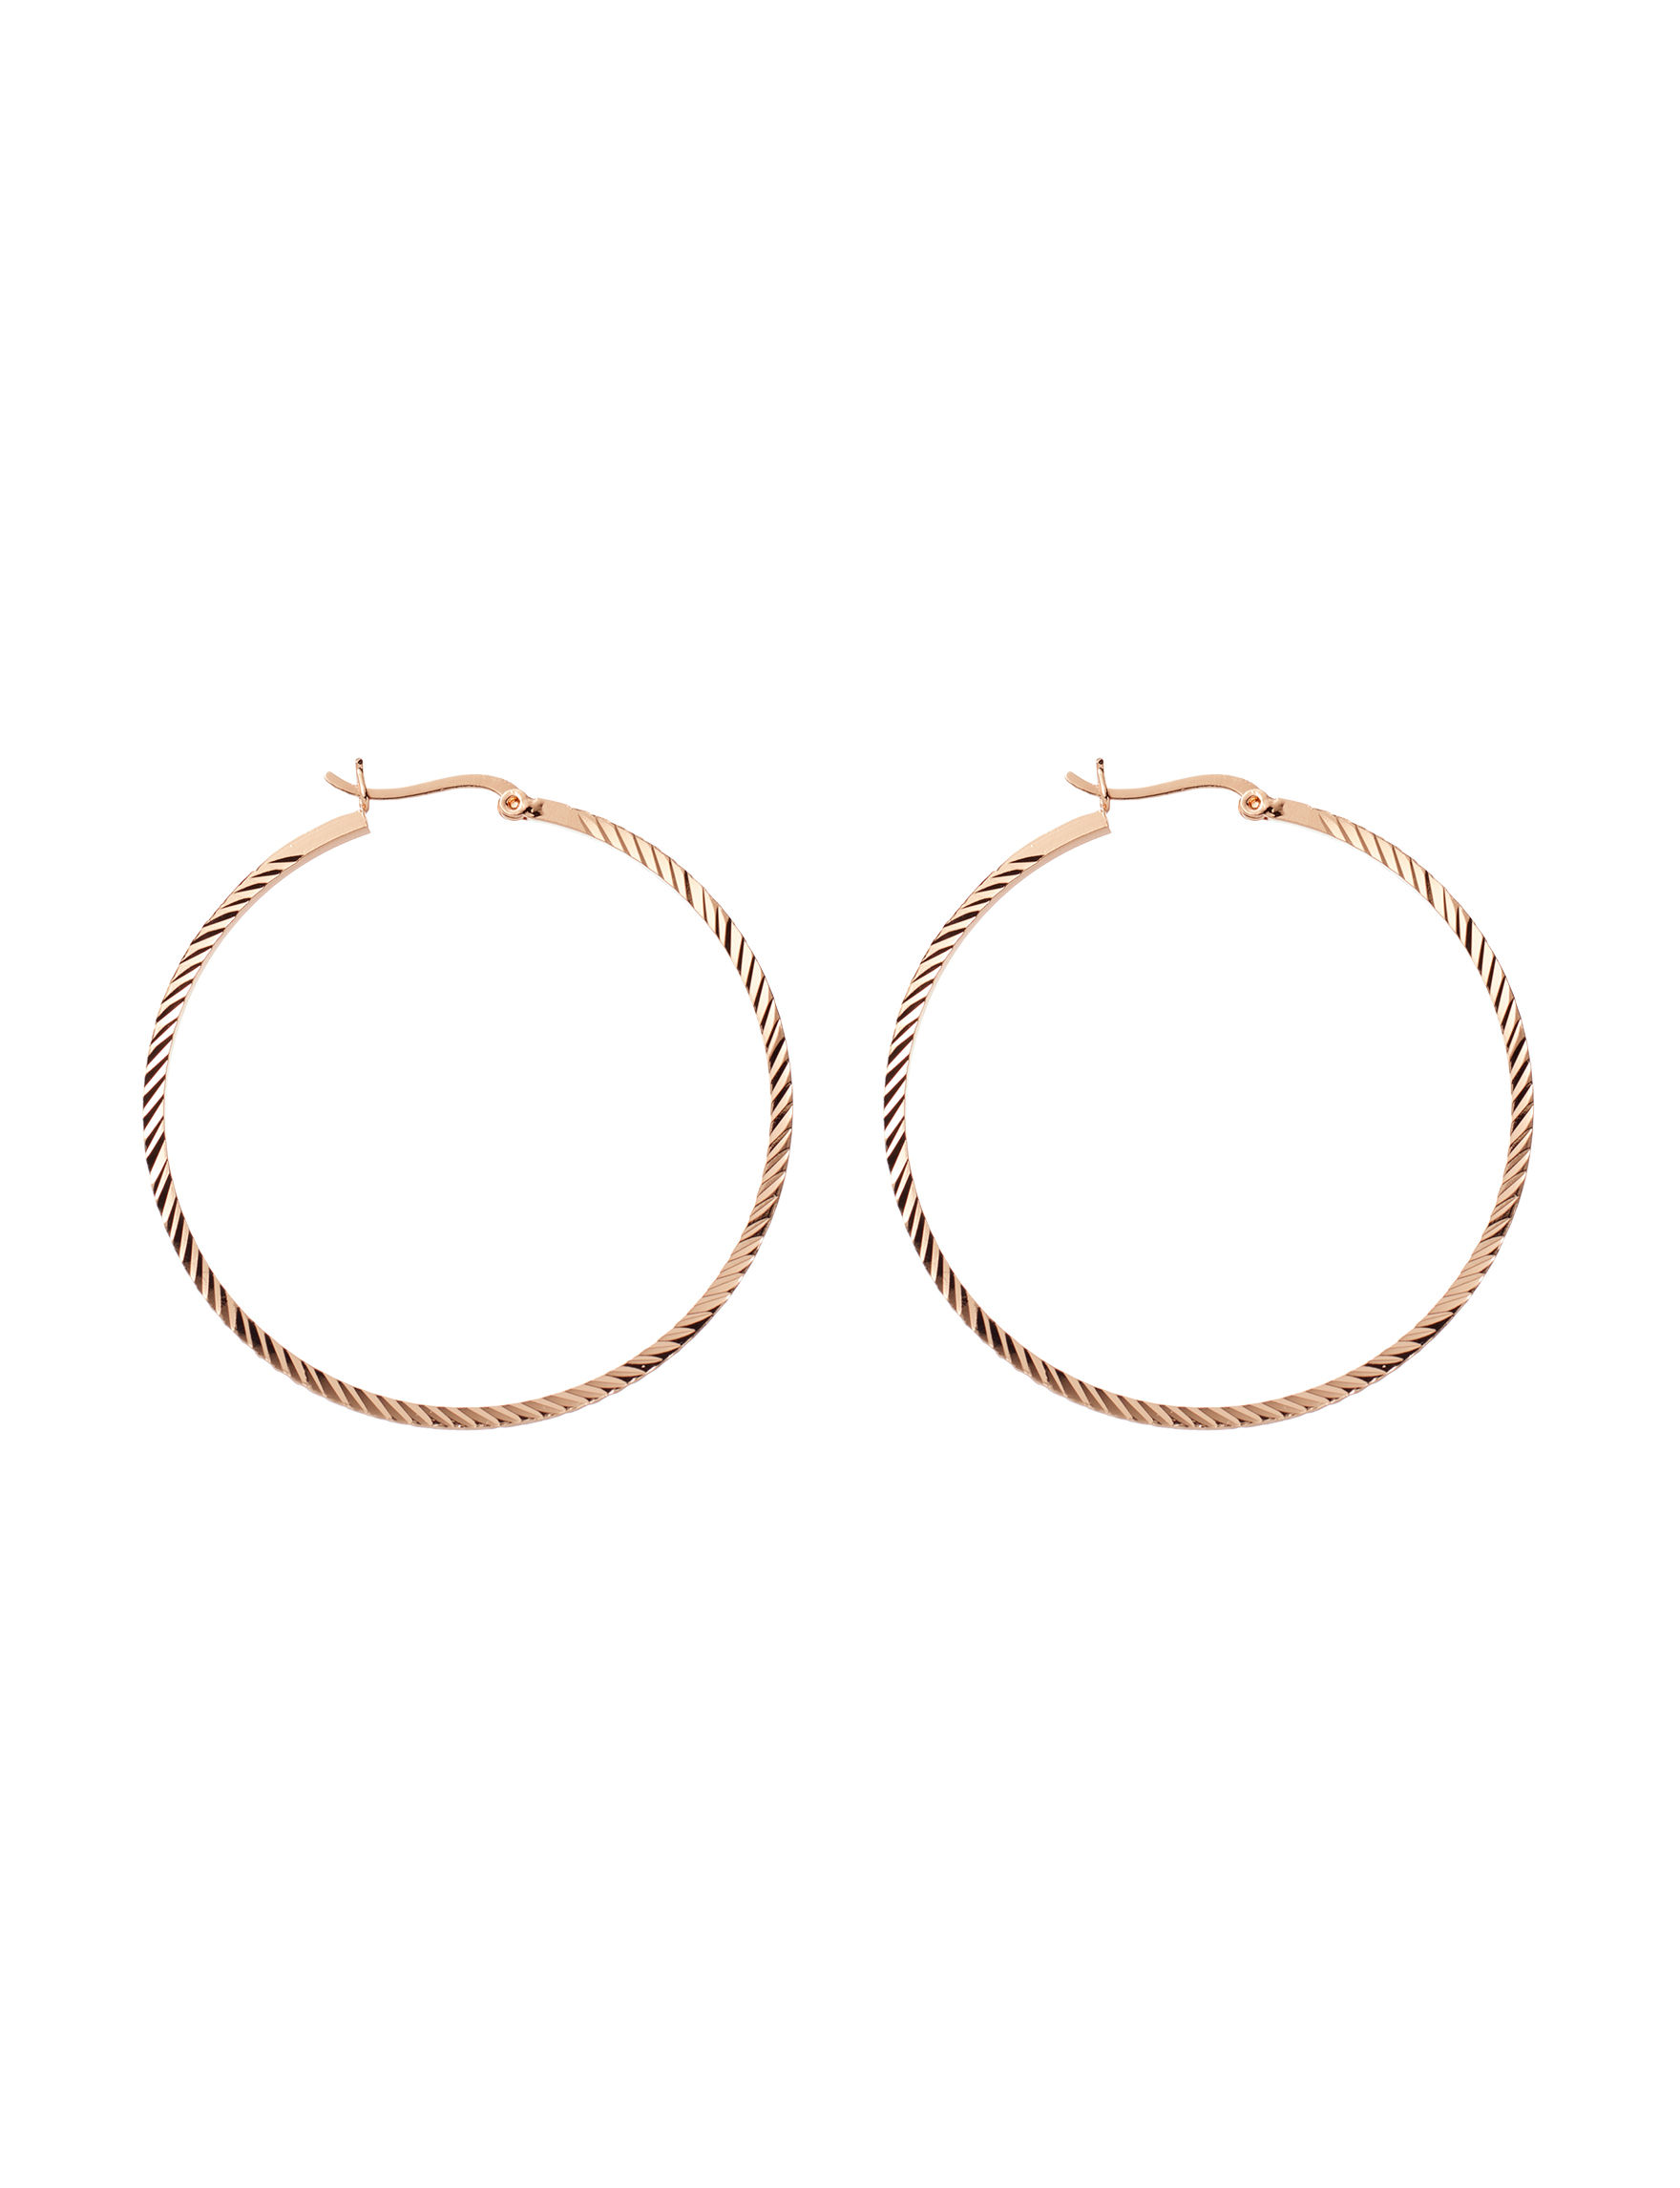 Marsala Rose Gold Hoops Earrings Fine Jewelry